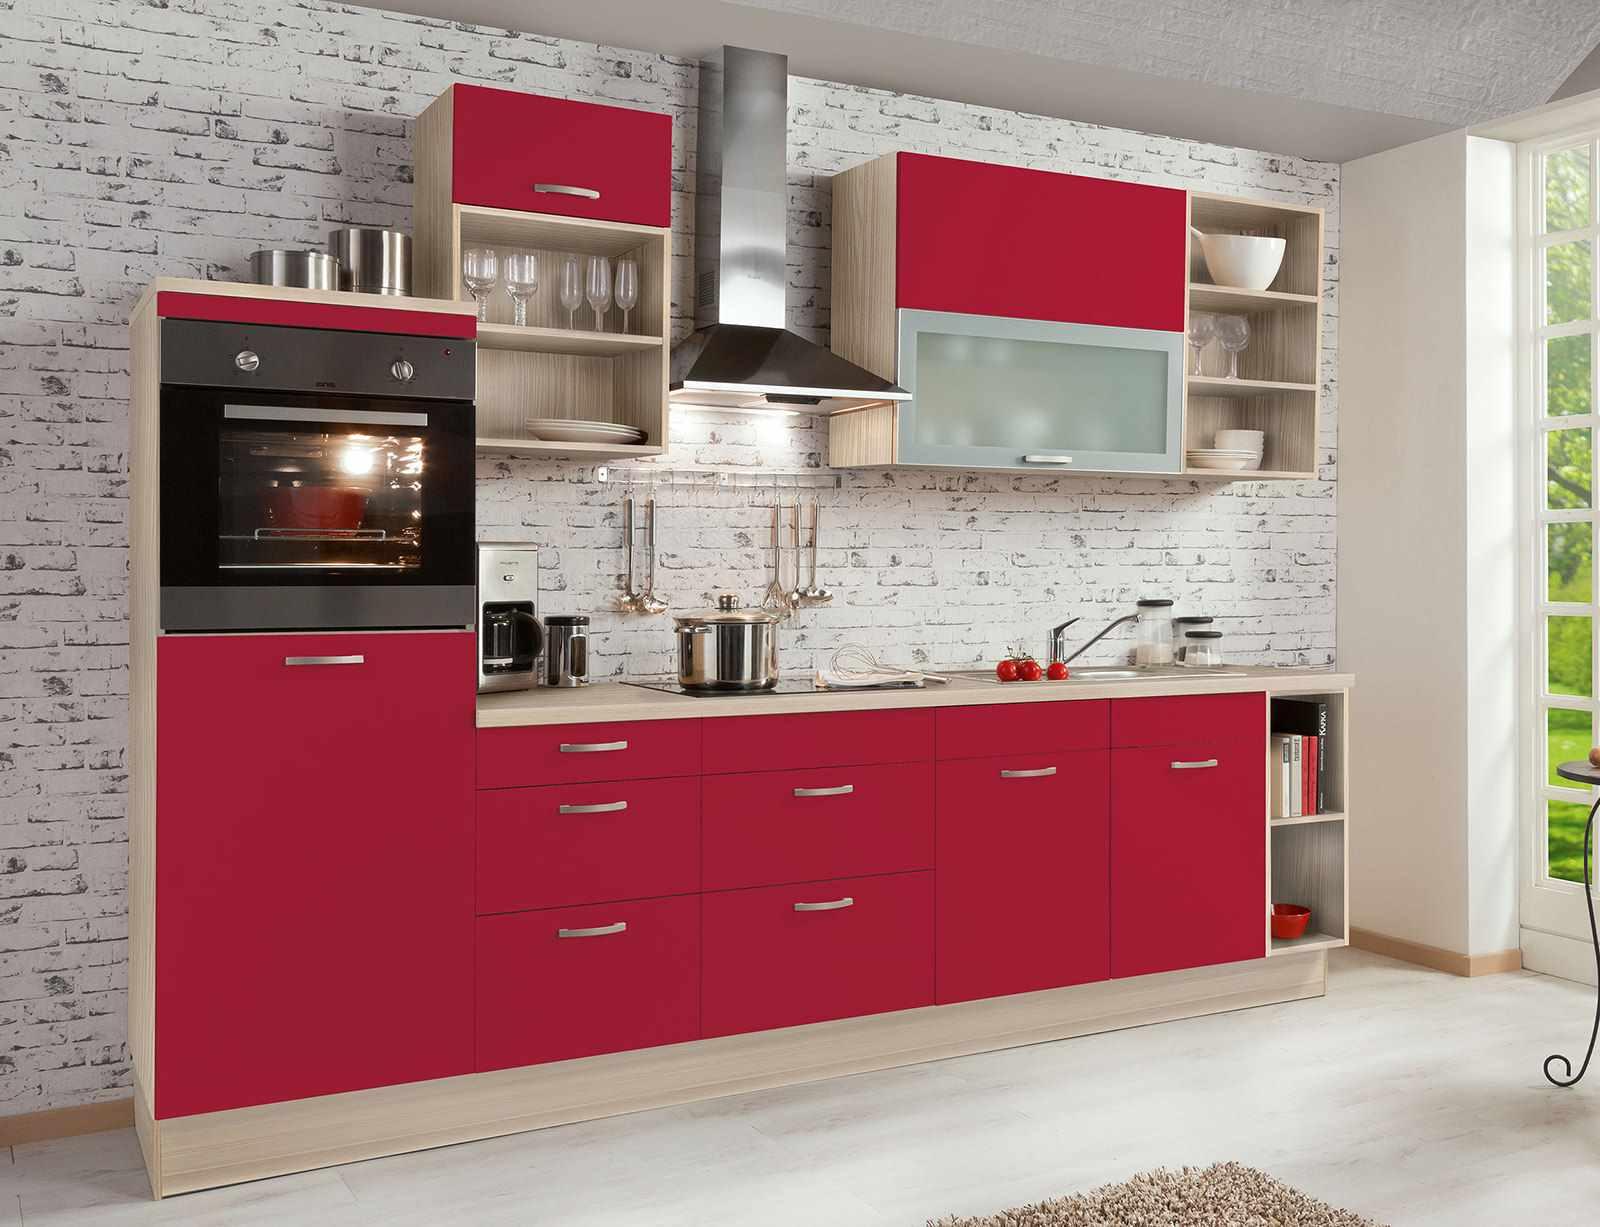 идея необычного стиля красной кухни